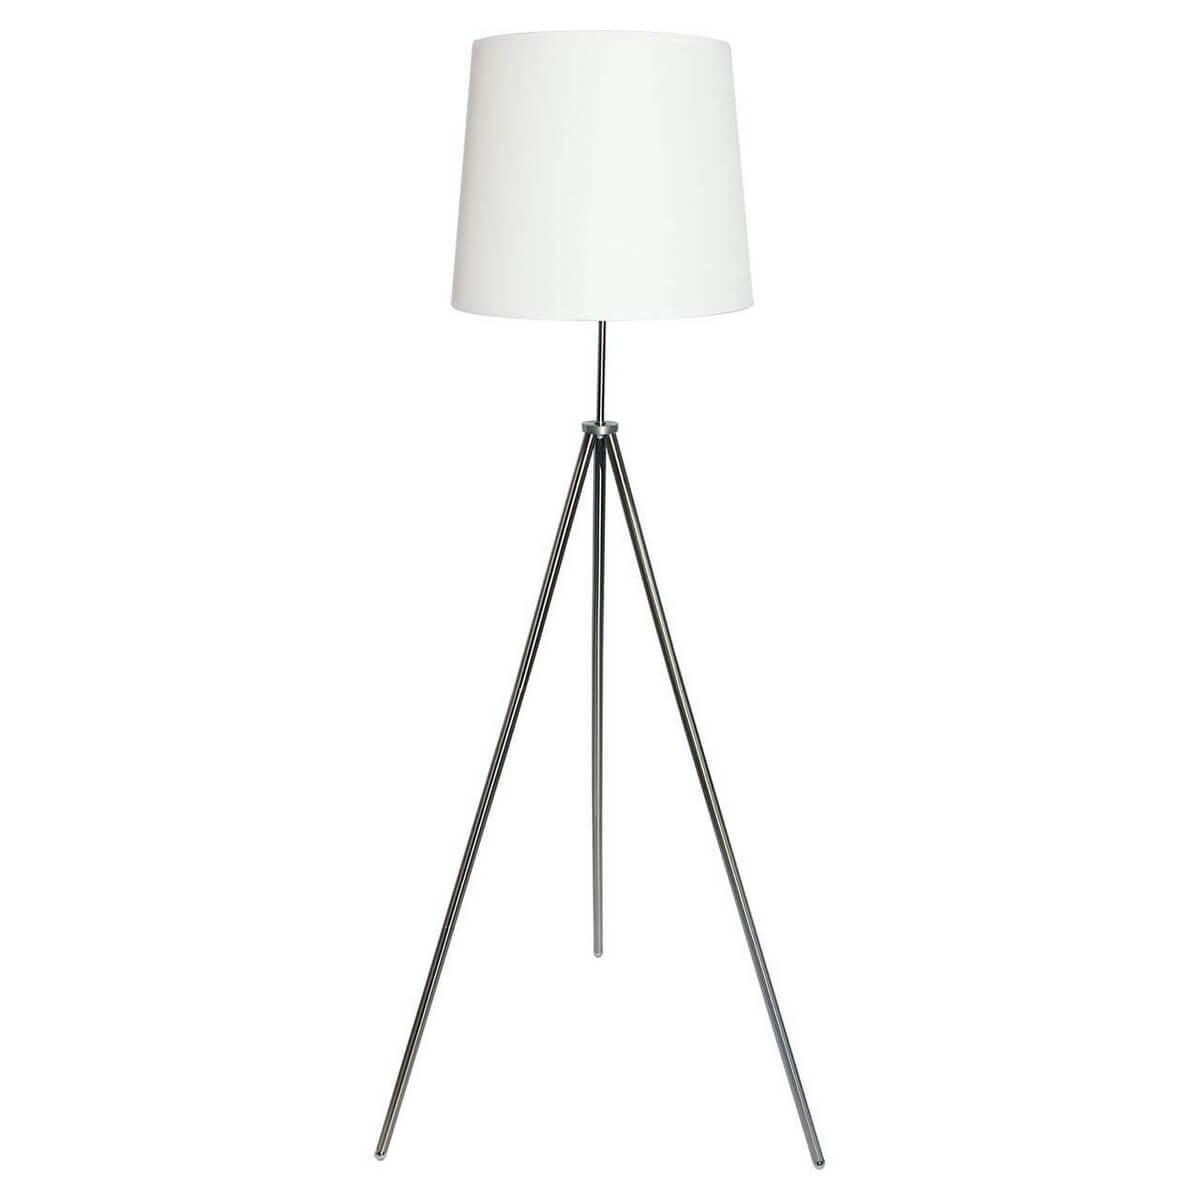 Напольный светильник Lussole LSP-0502, E27, 60 Вт торшер lussole lgo lsp 9908